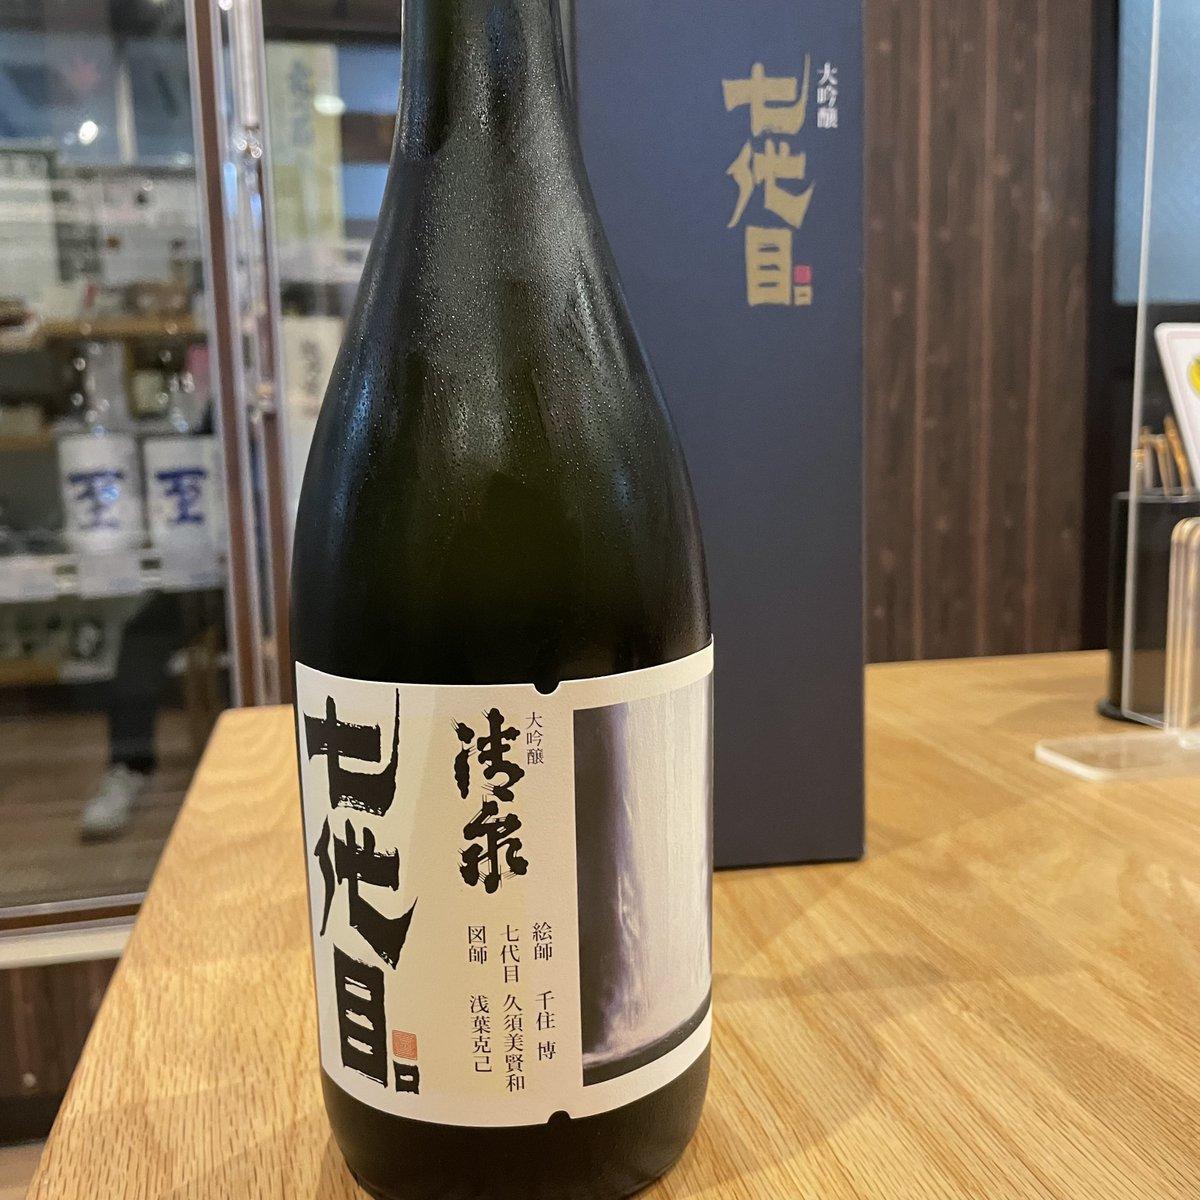 test ツイッターメディア - 久須美酒造 七代目大吟醸  720ml…3,951円 いつもありがとうございます。錦屋酒店です。 七代目大吟醸 蔵出しされました! 鑑評会出品酒として仕込まれたもの。香味のバランスが素晴らしくどんな料理にも合わせやすいのが特長。 山田錦を40%まで自家精米しています。 https://t.co/m0AprIP3KD